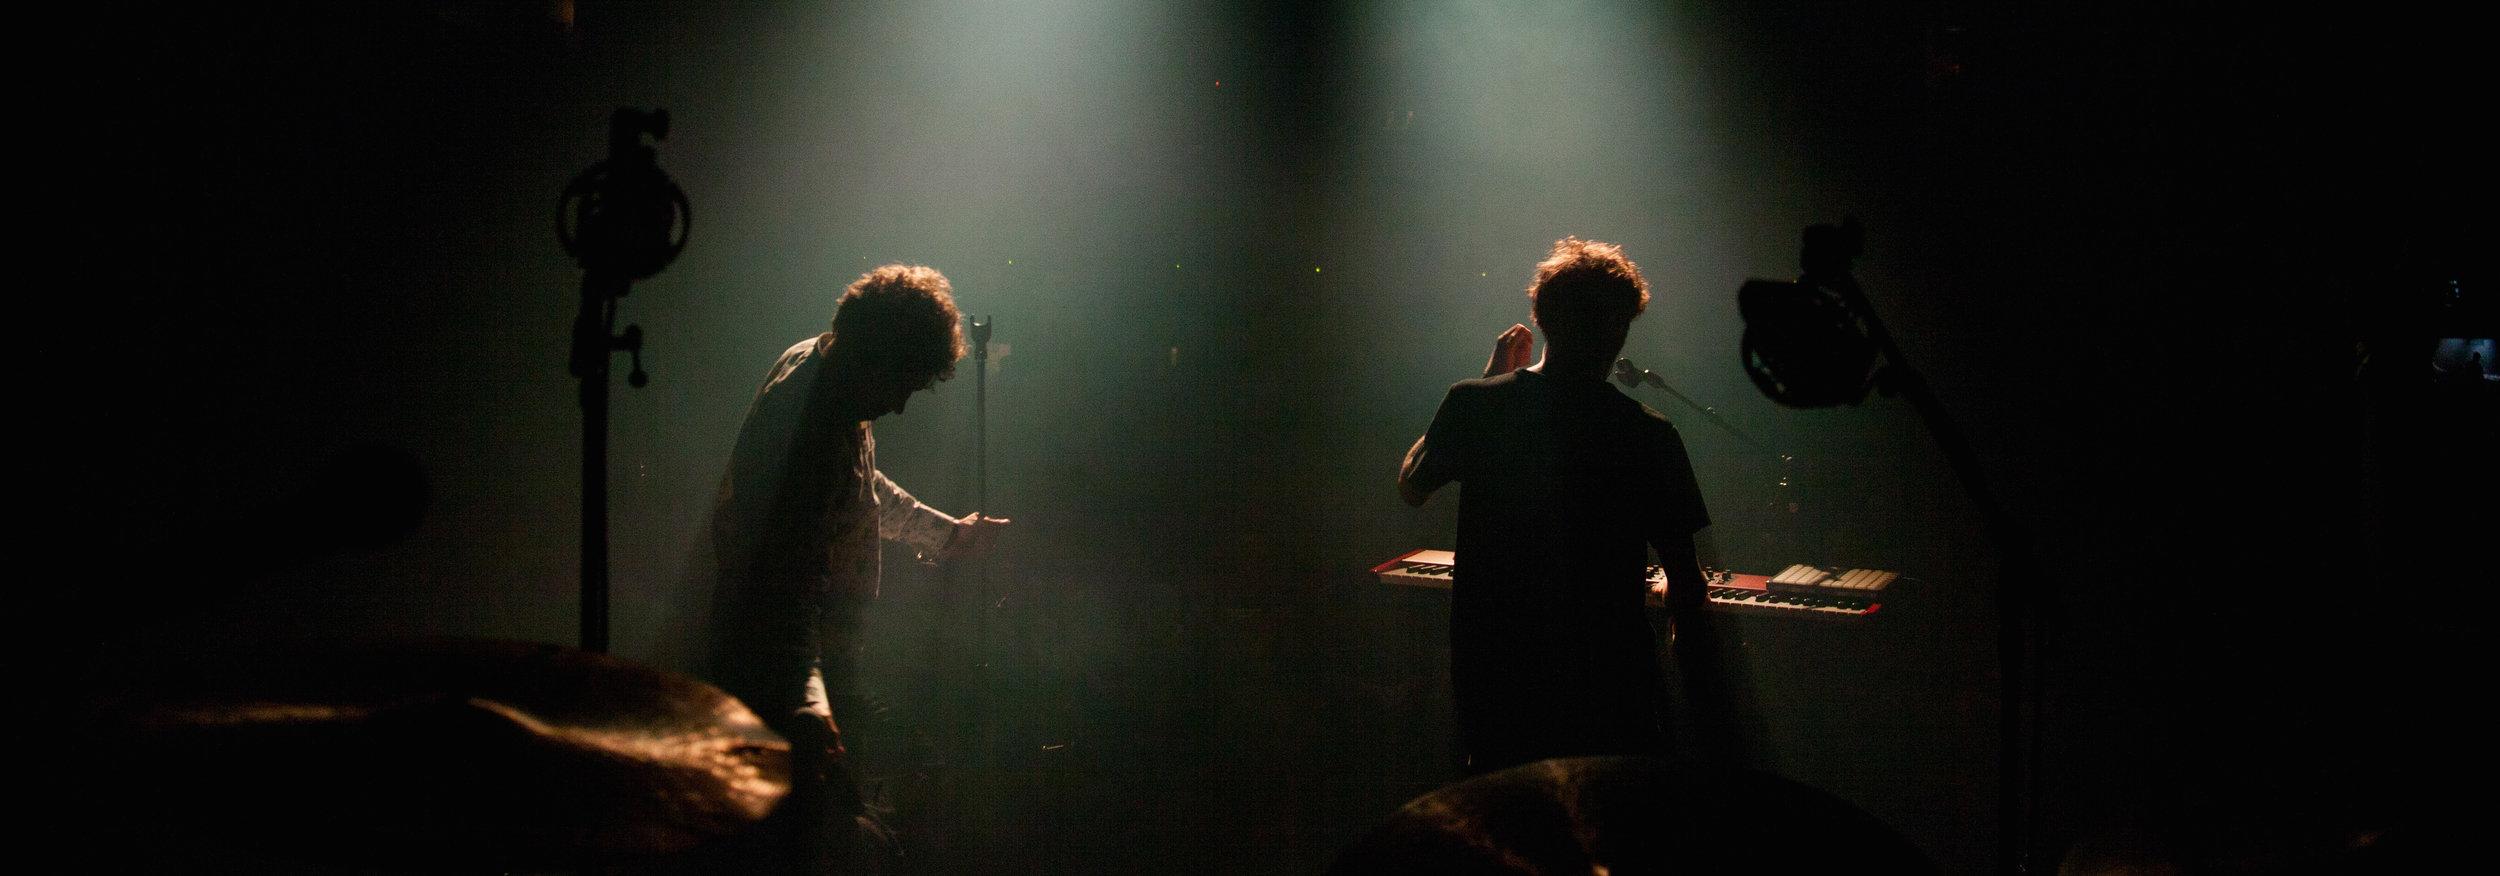 R.O Kono live pic 1.jpg